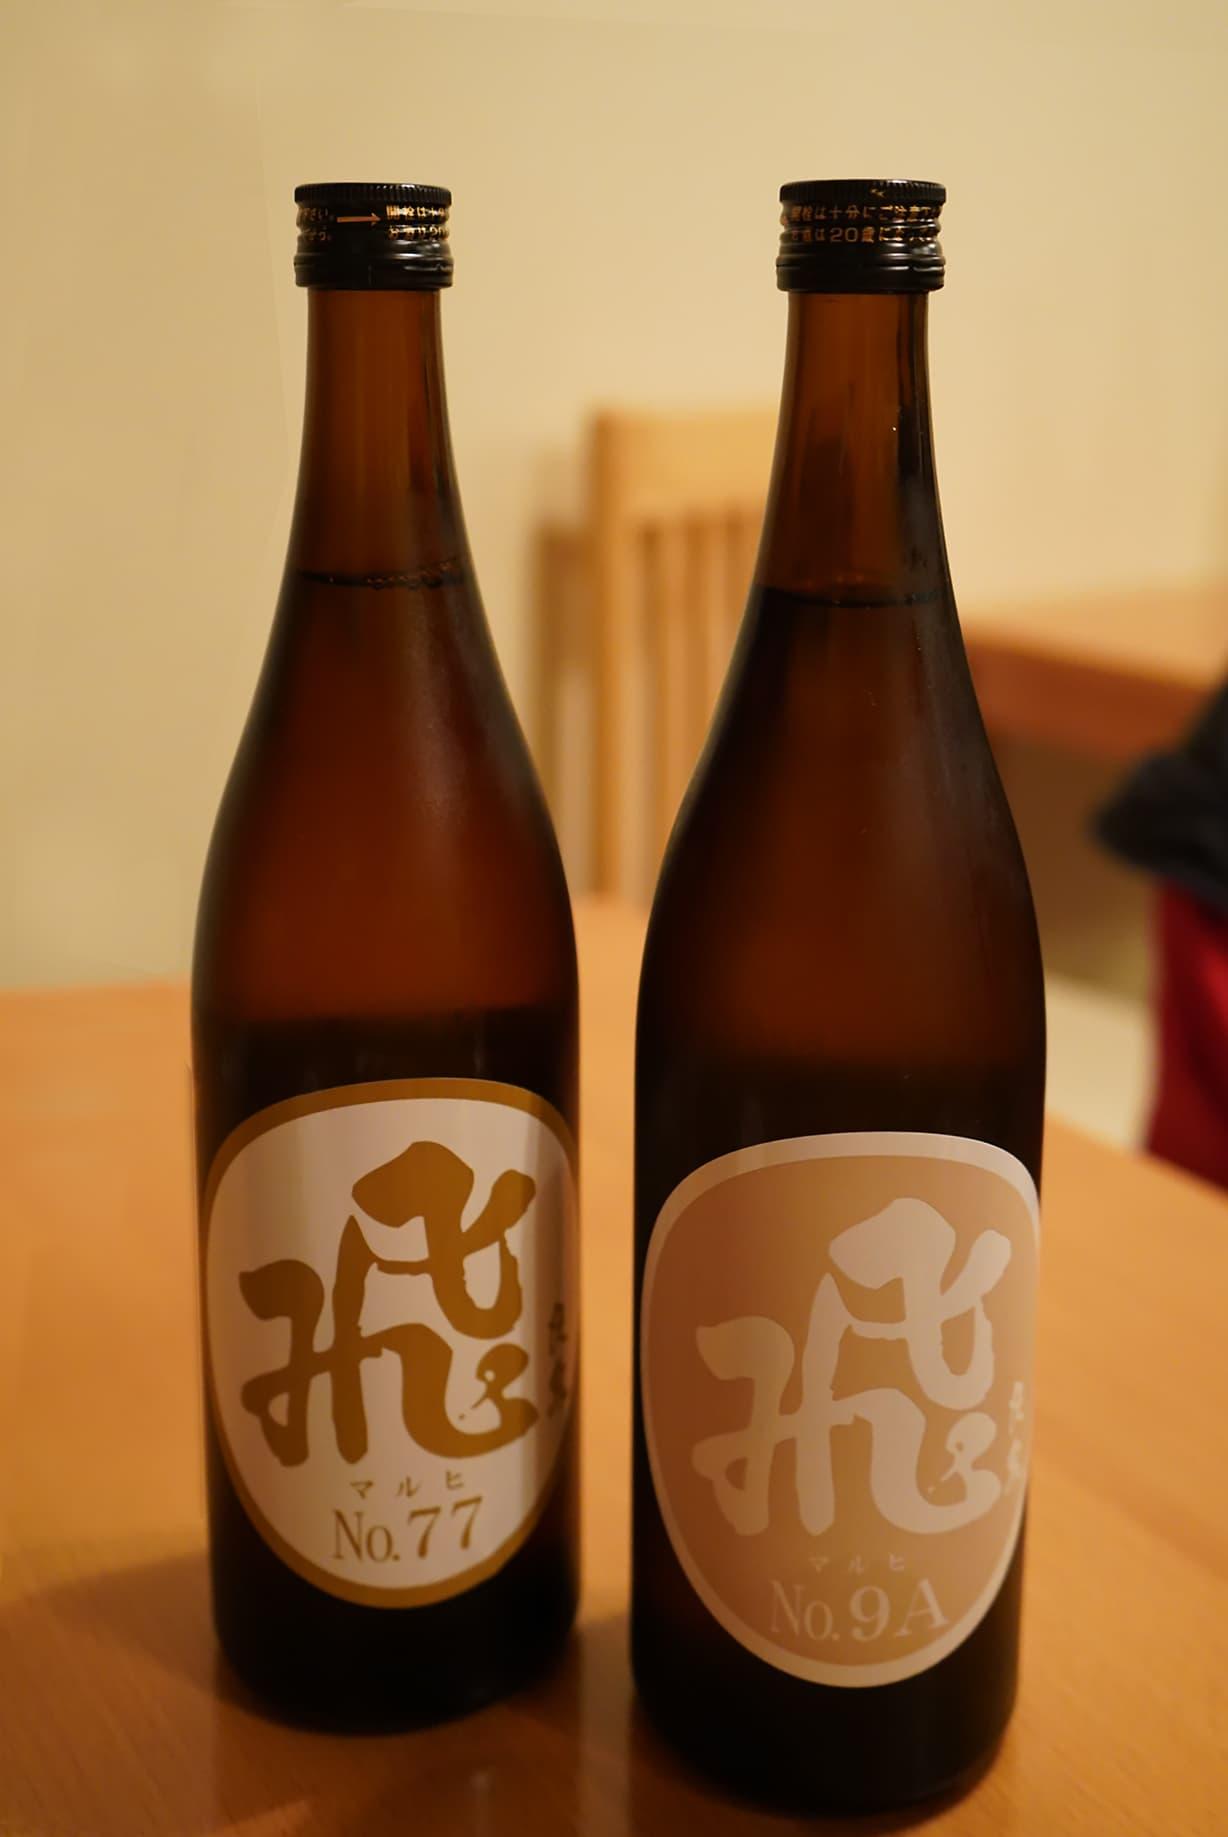 山廃純米酒マル飛「№77」と「№9A」